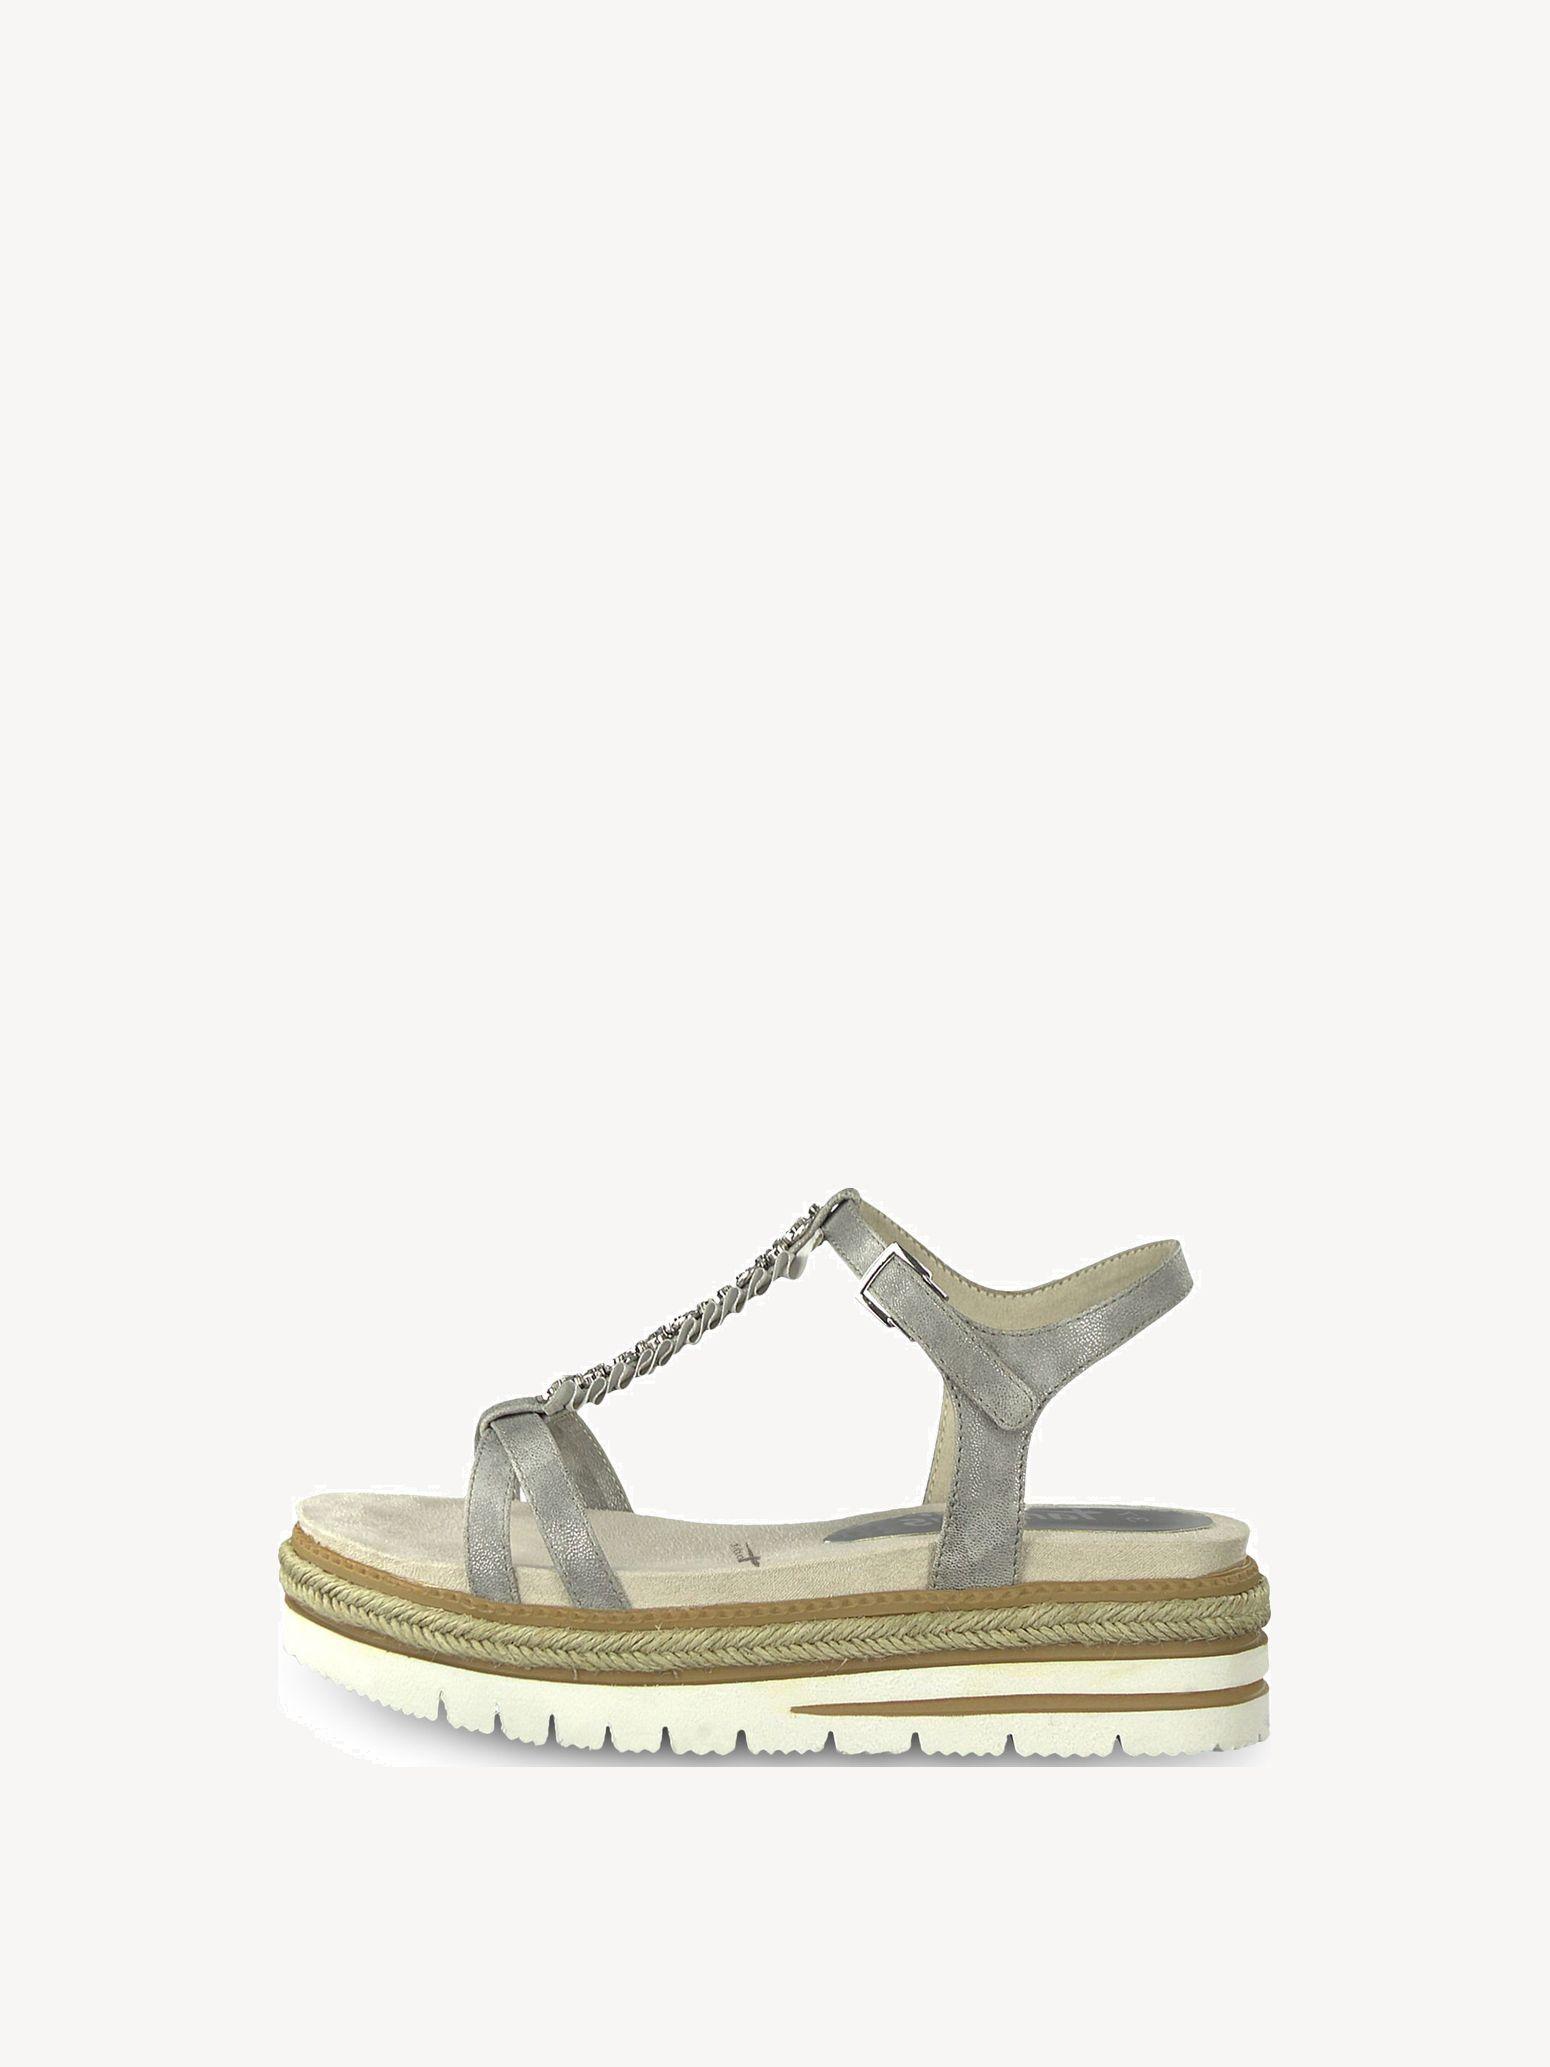 Votre guide d'achat chaussures tamaris touch it, Grise